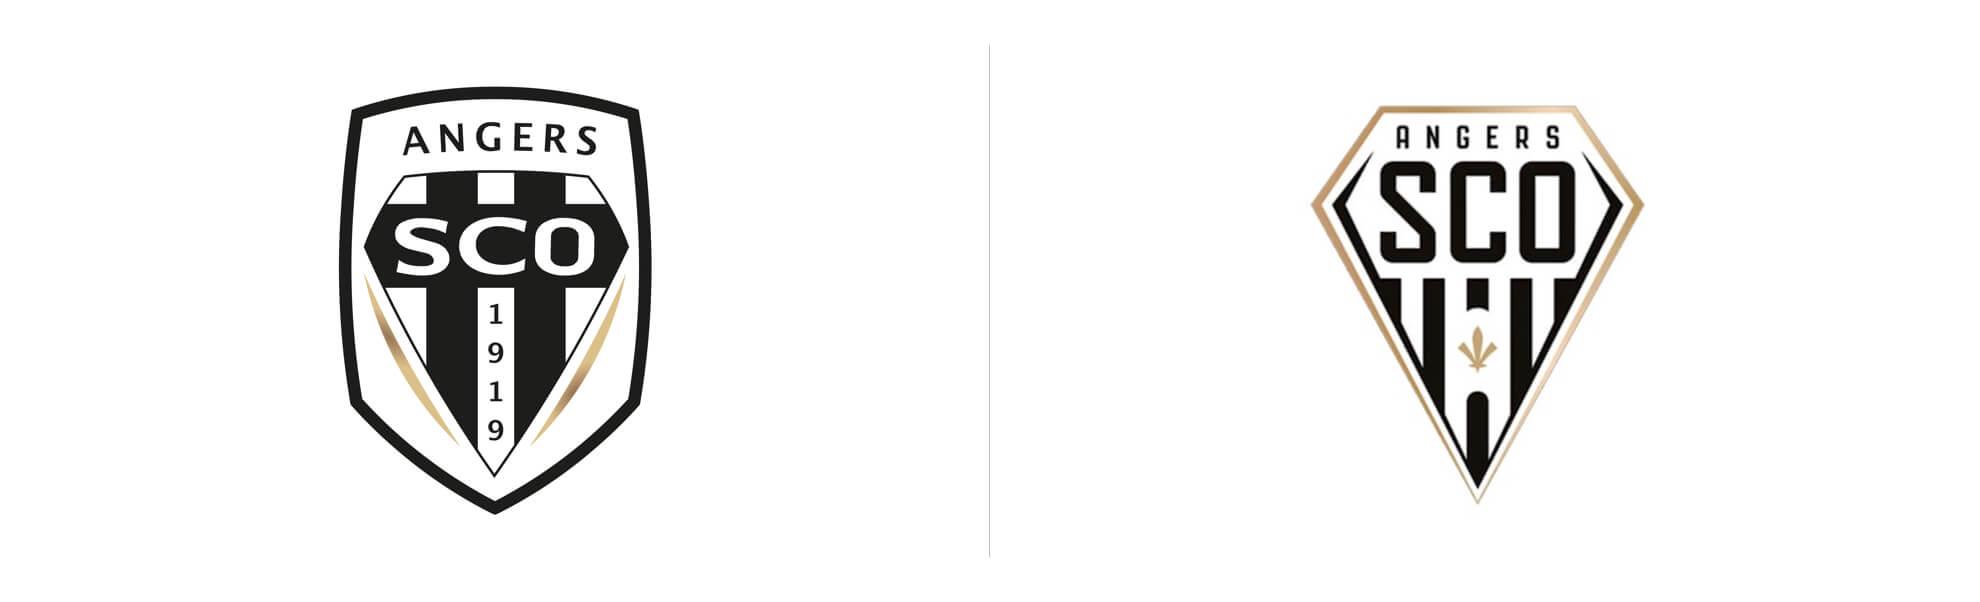 Angers SCO nowe istare logo